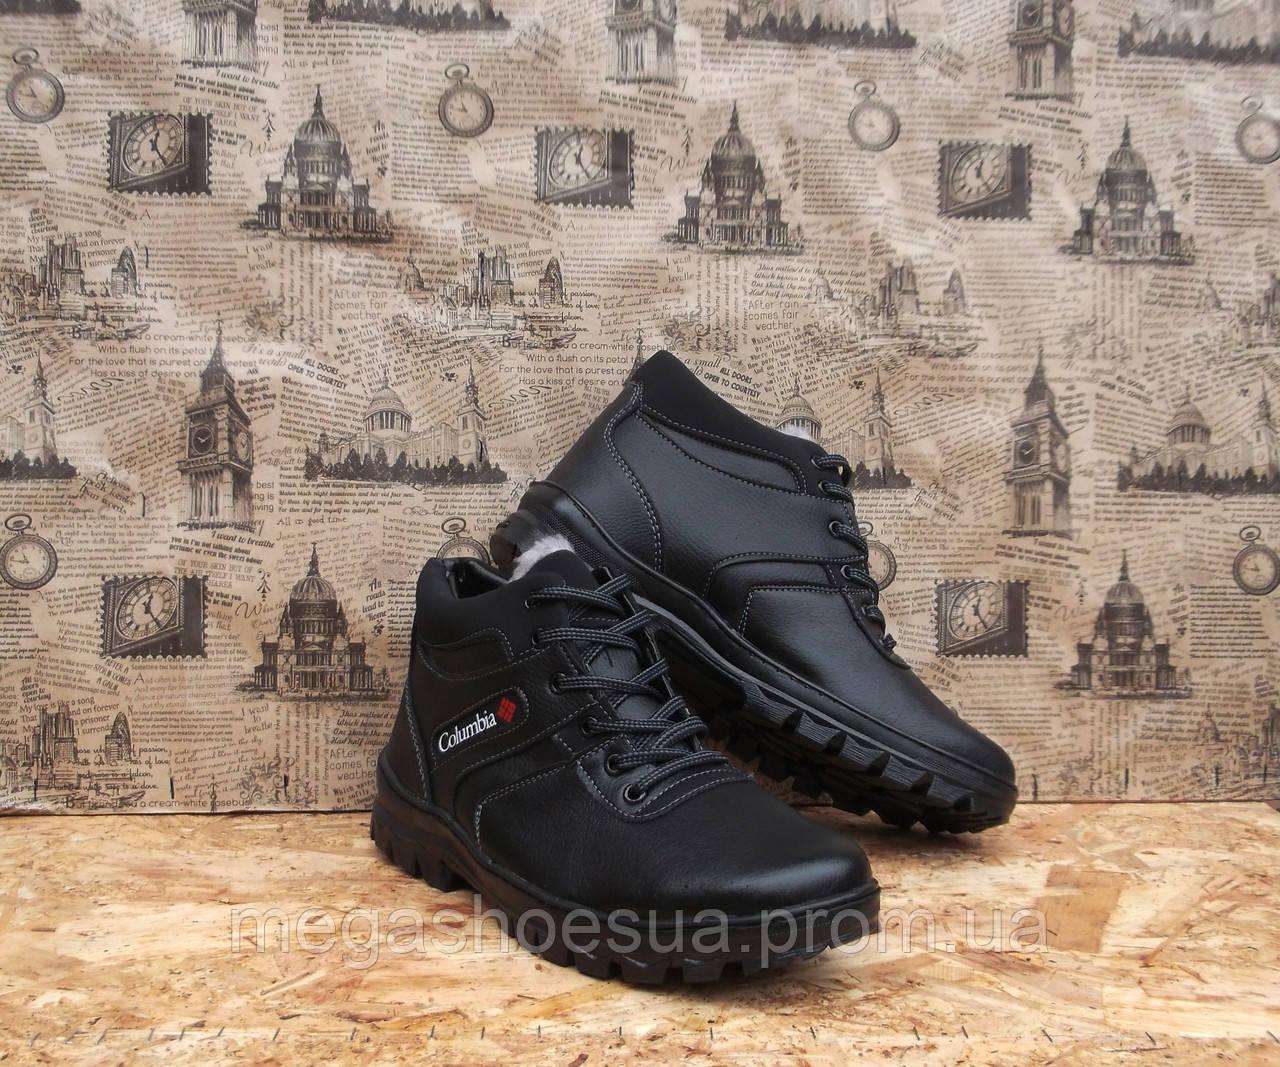 Ботинки мужские качественные в стиле Columbia - Интернет-магазин украинской  обуви MegaShoes в Киеве d1fe55ef310